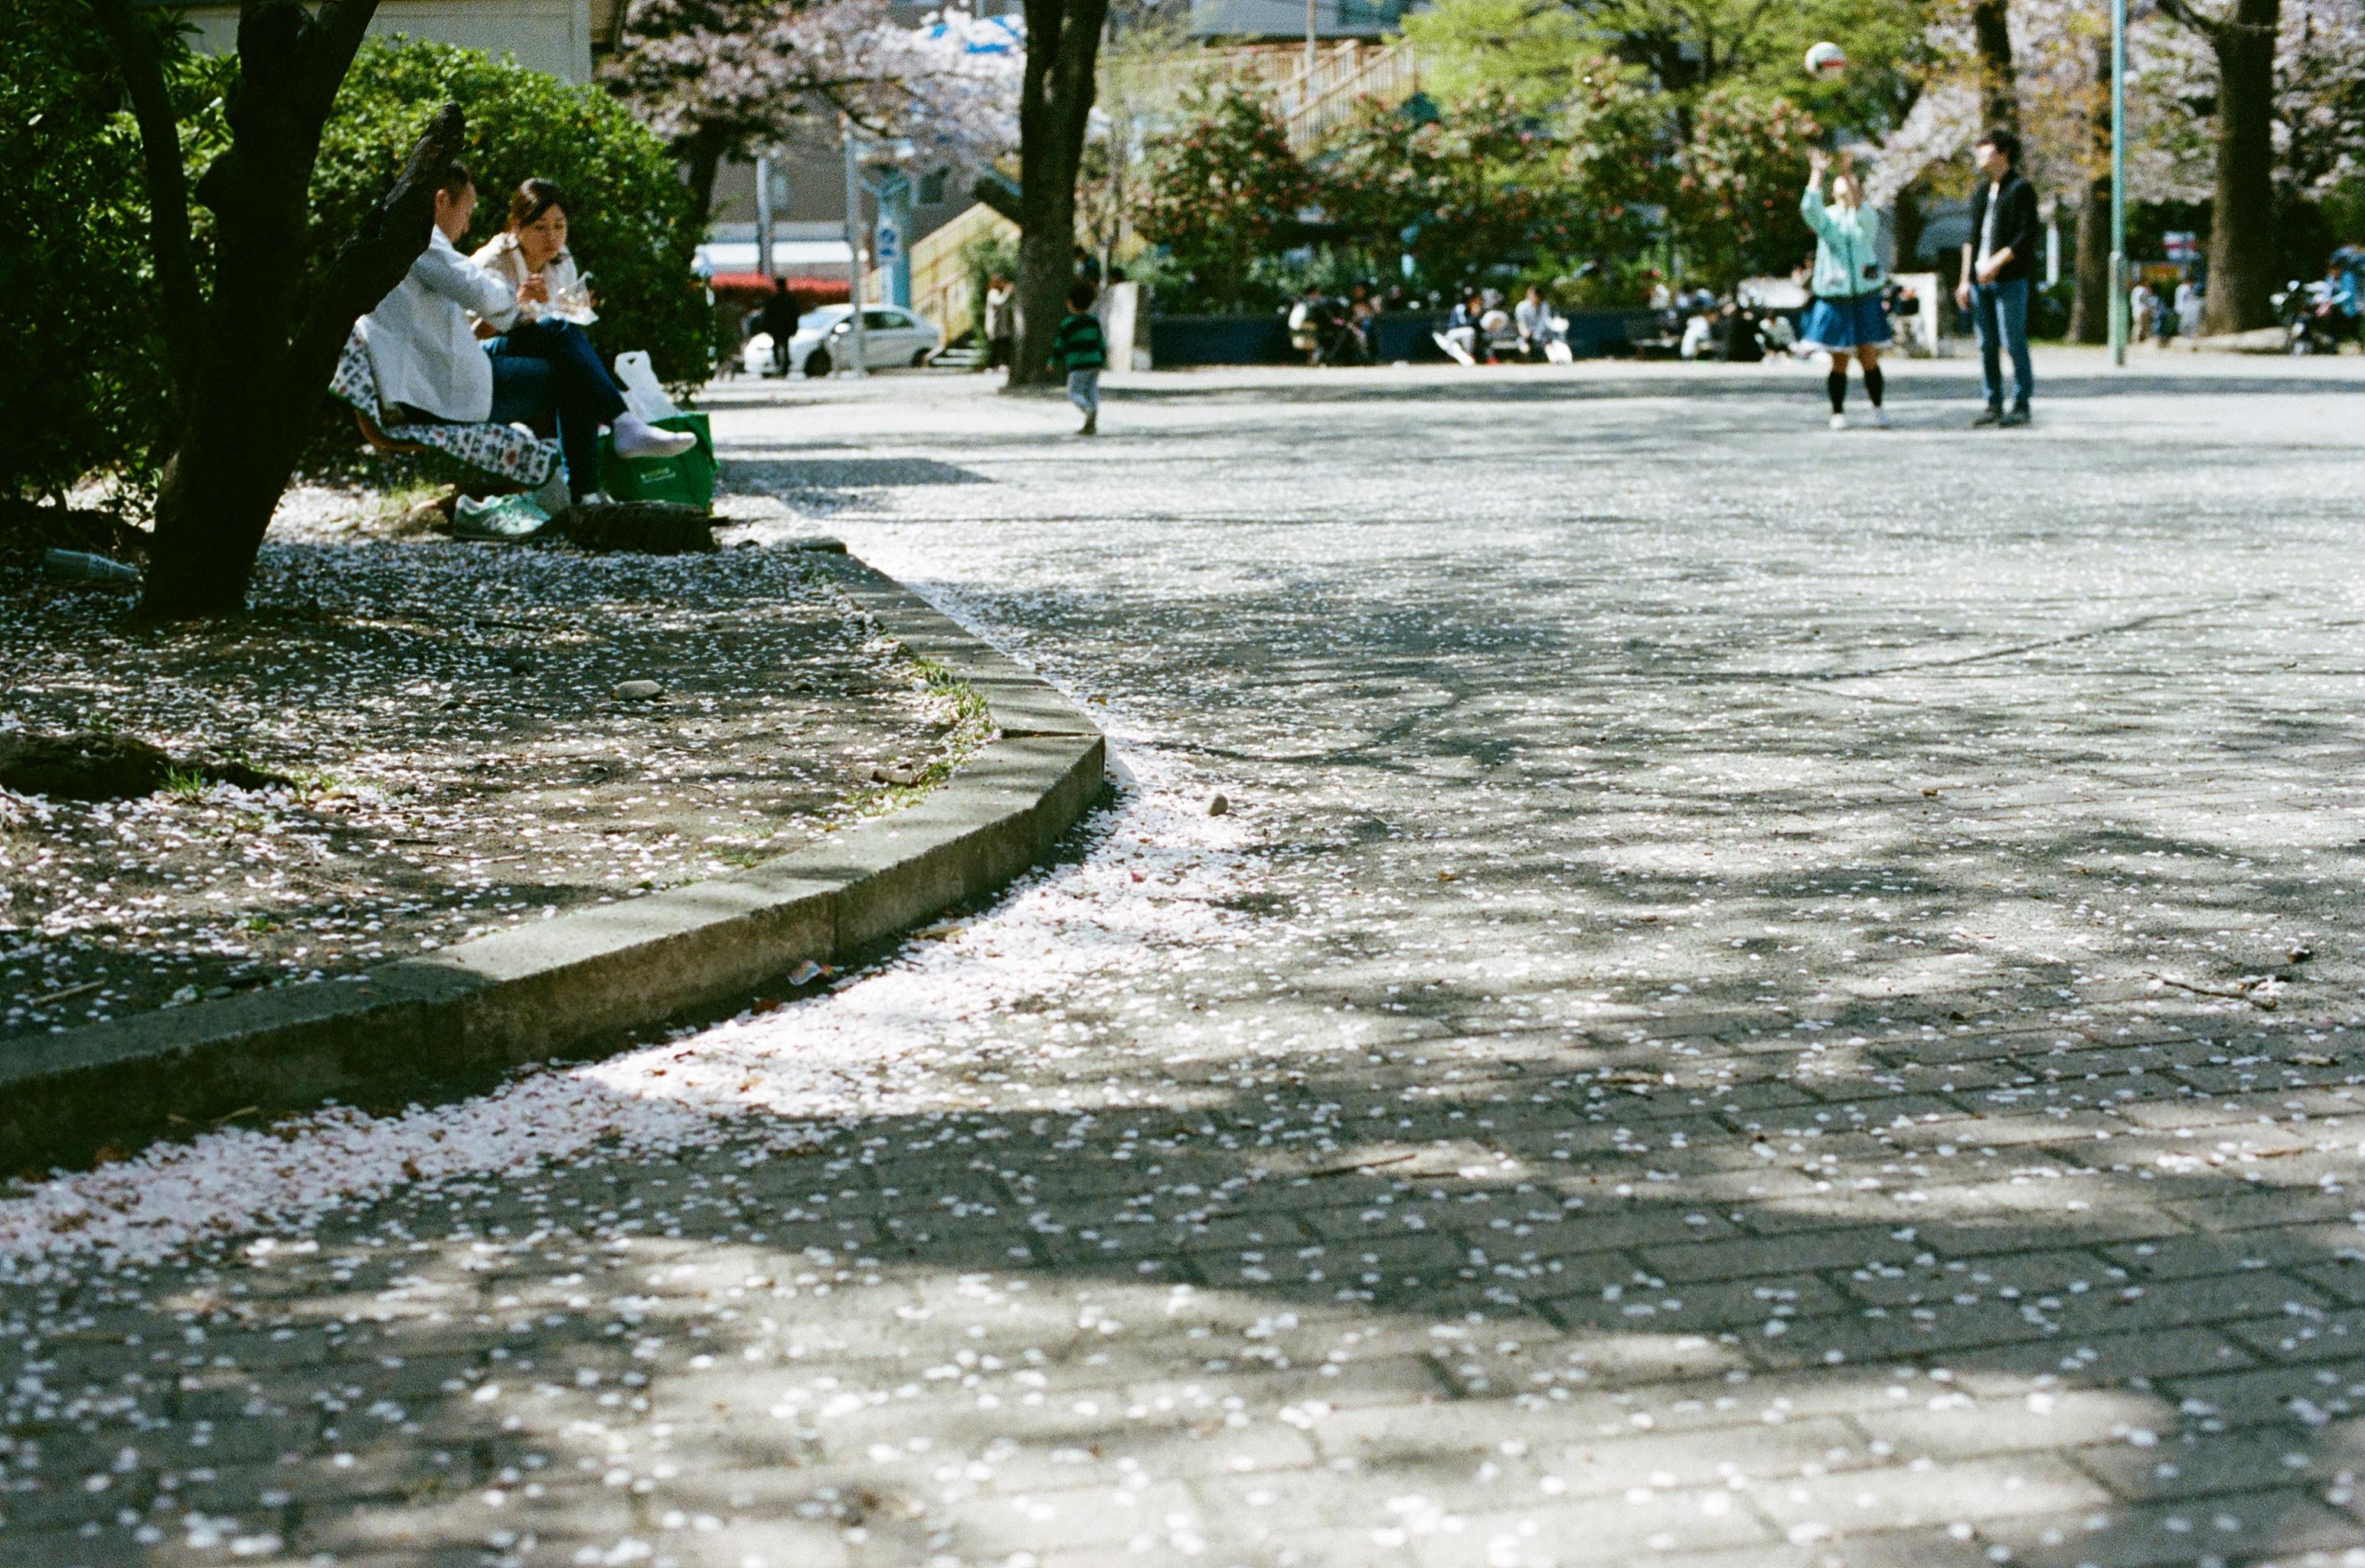 【スタッフコラム】ナナメな写真 〜春はきらい〜